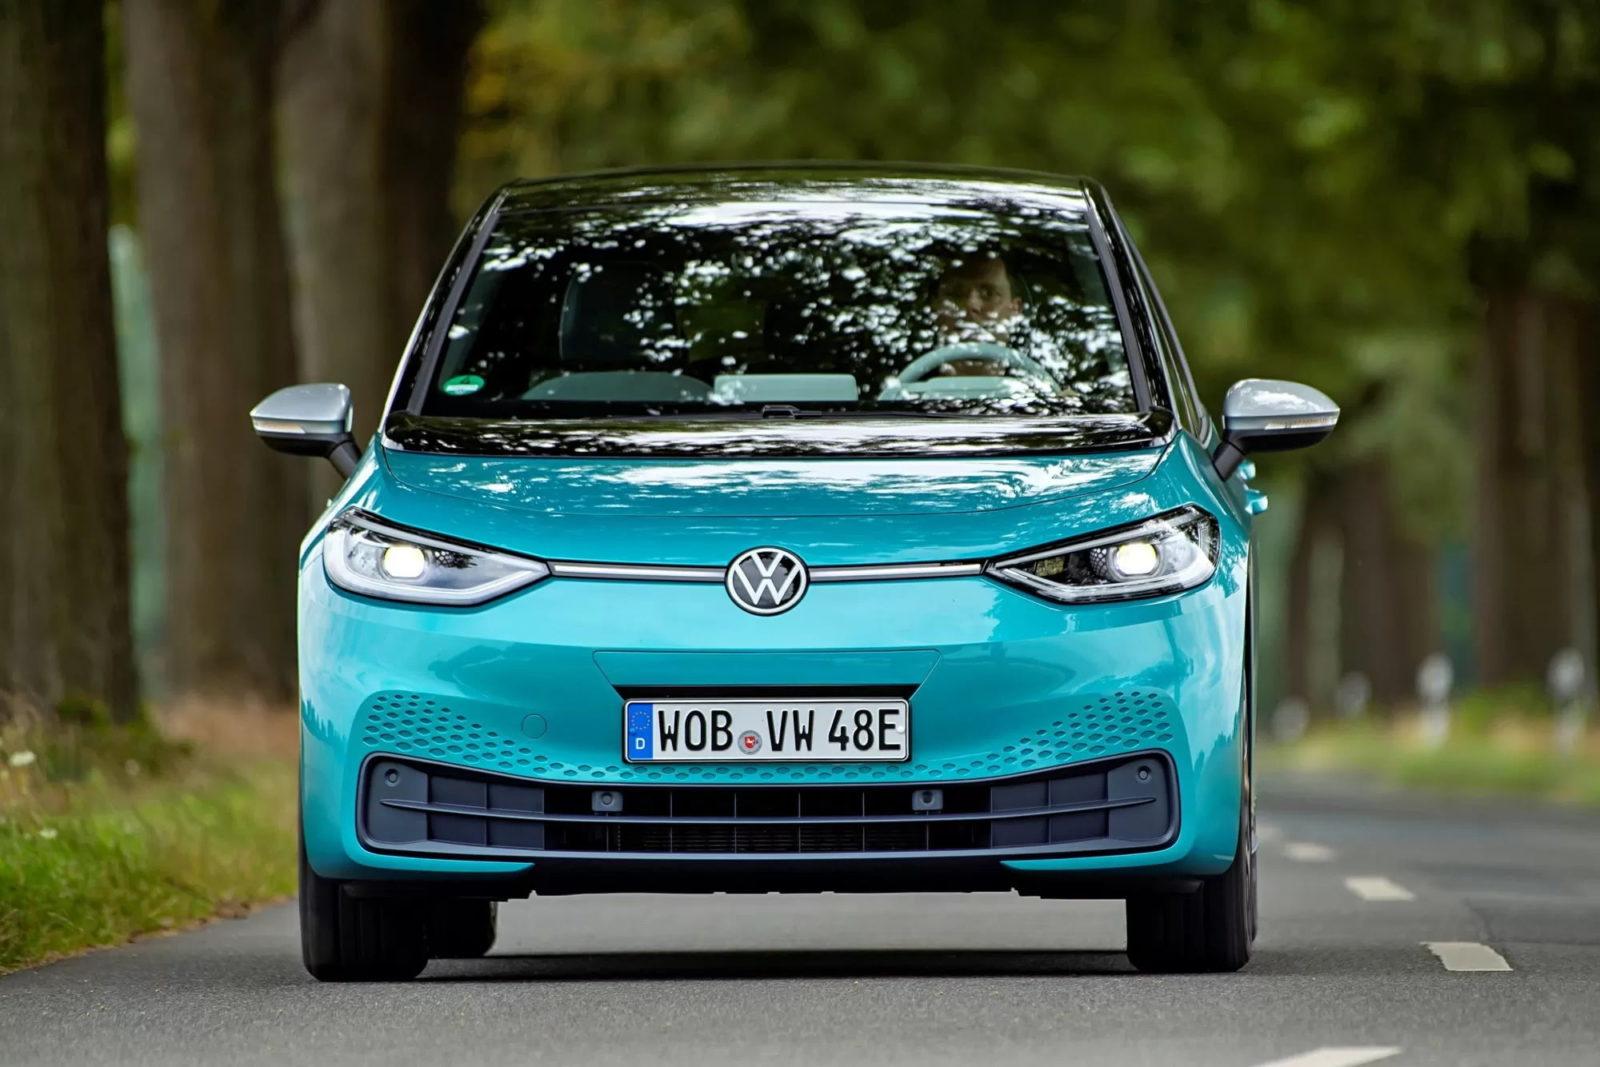 Европа устанавливает рамки: Volkswagen полностью откажется от ДВС к 2035 году